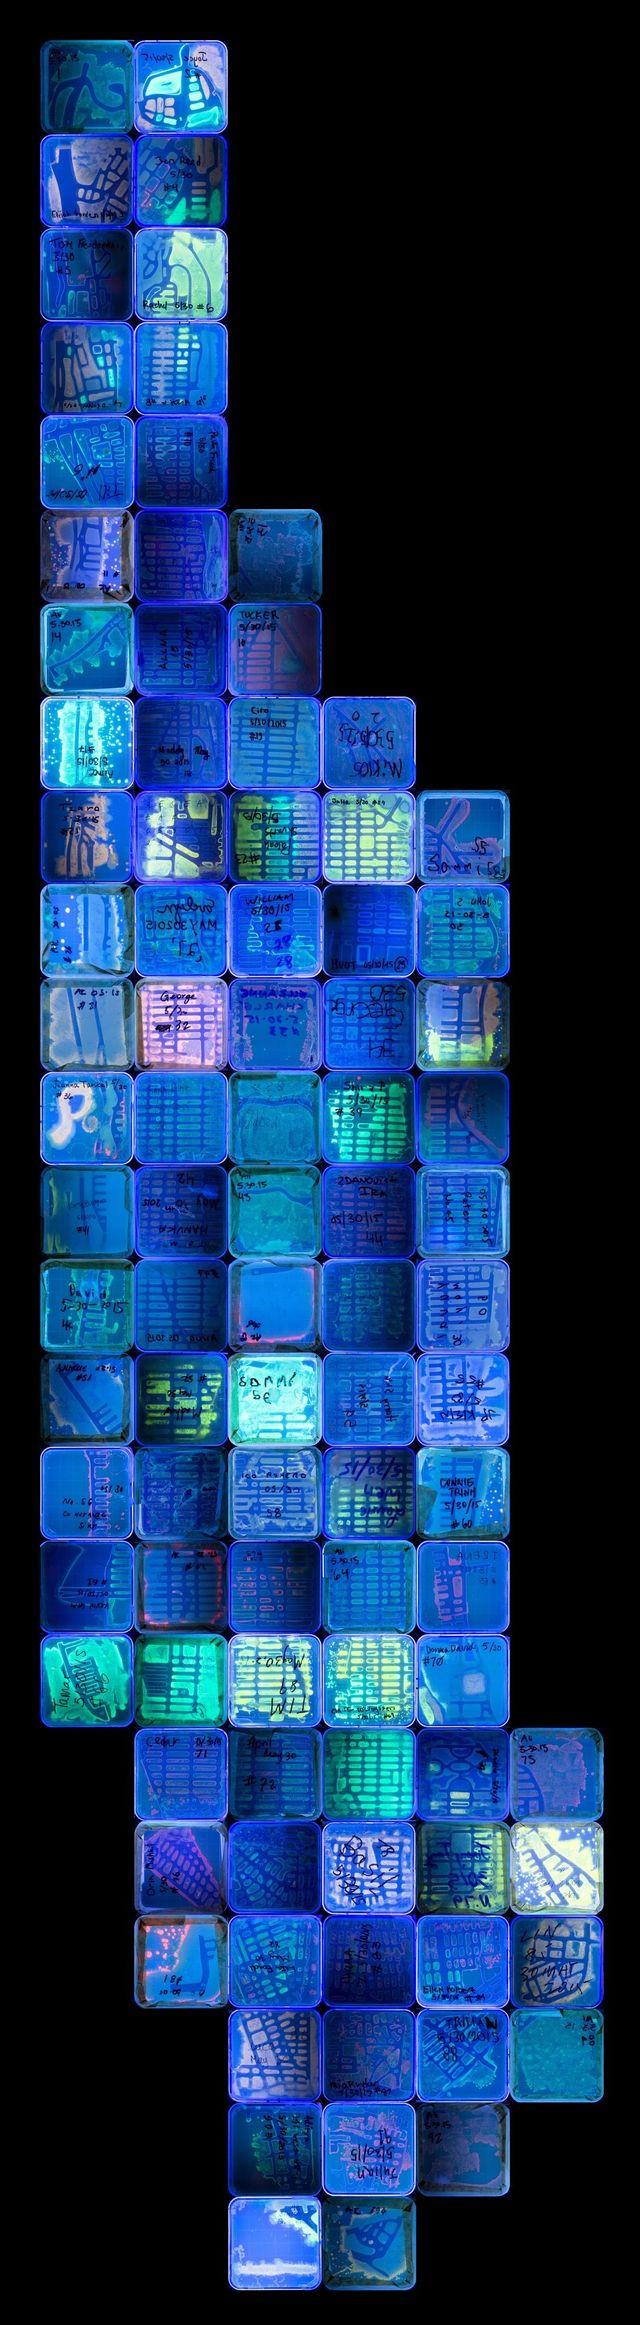 Medium 494e1e672af02414c2ae382a69b7d4dba79e4b28